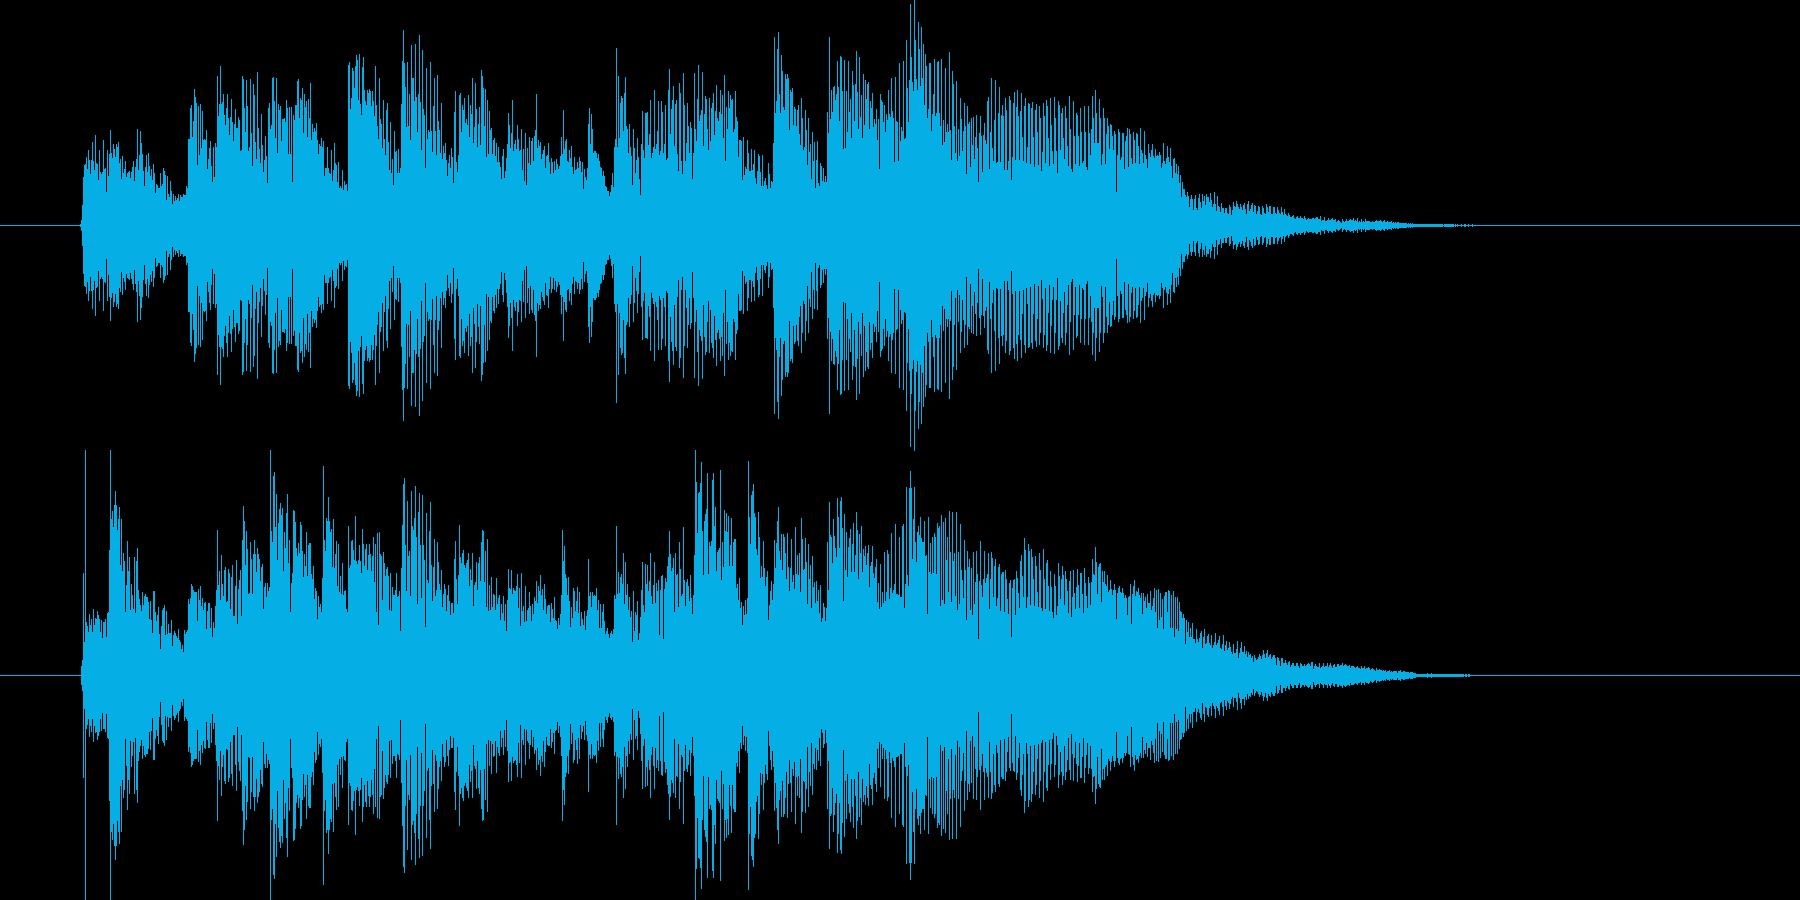 デジタルな音色の民族音楽の再生済みの波形